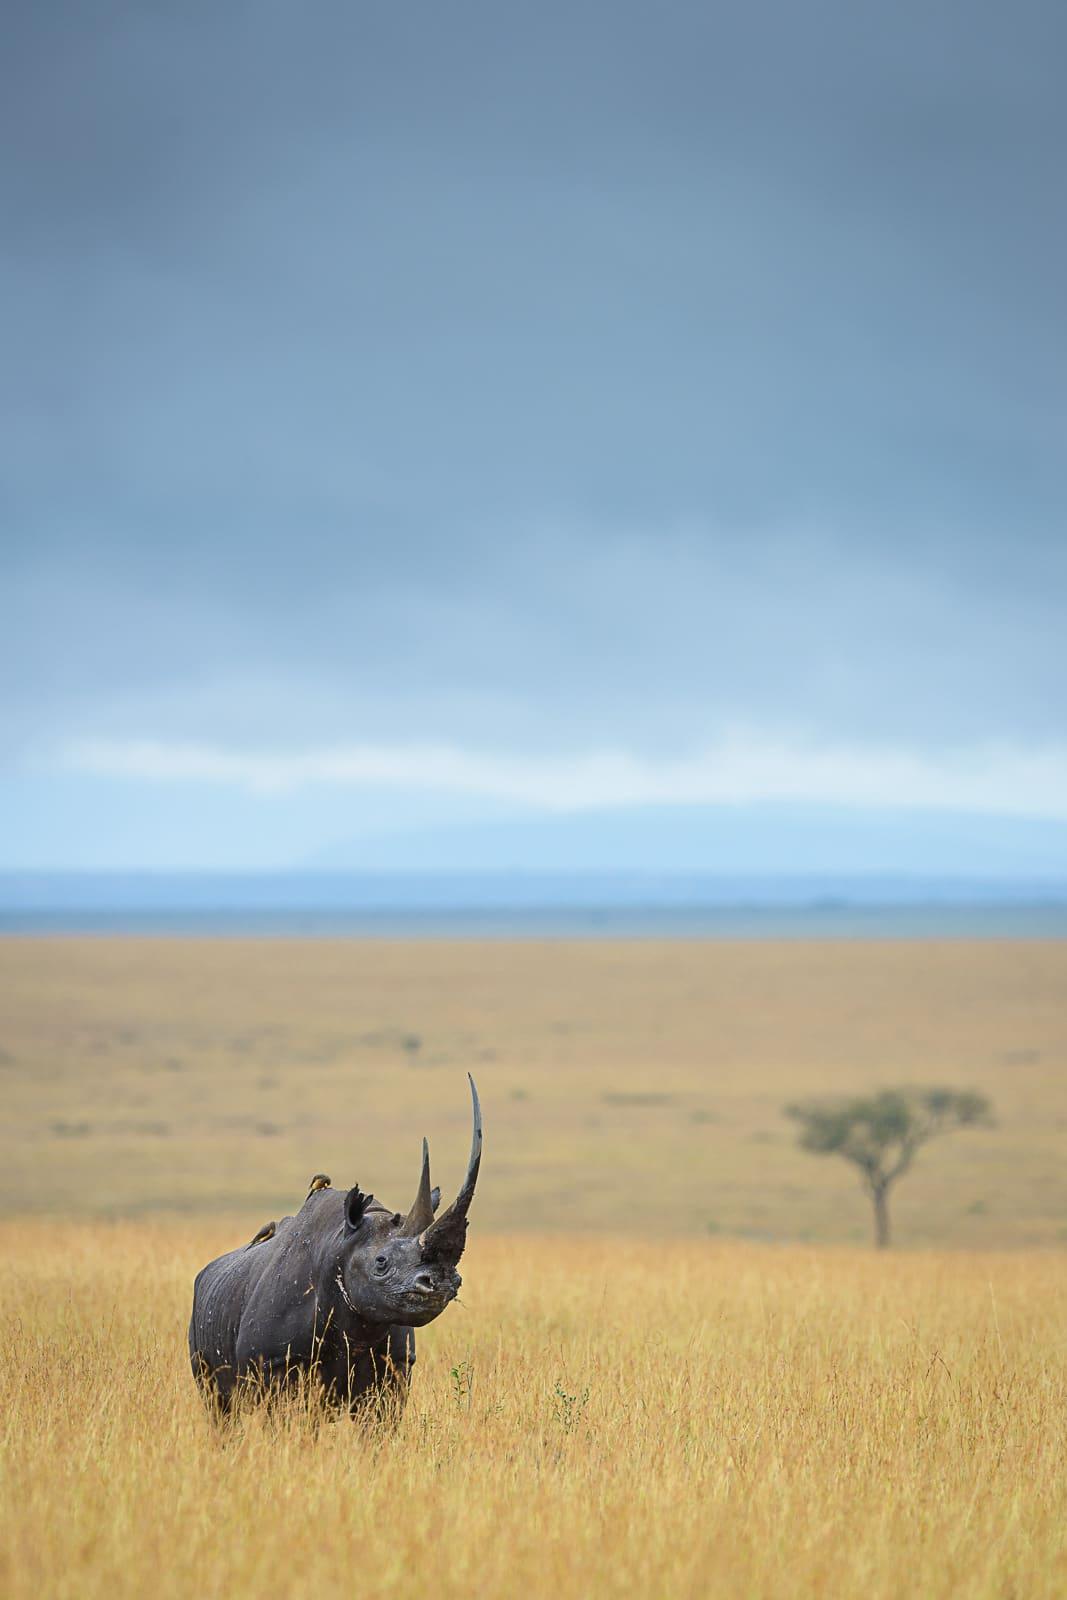 Rinoceronte en África por David Lloyd